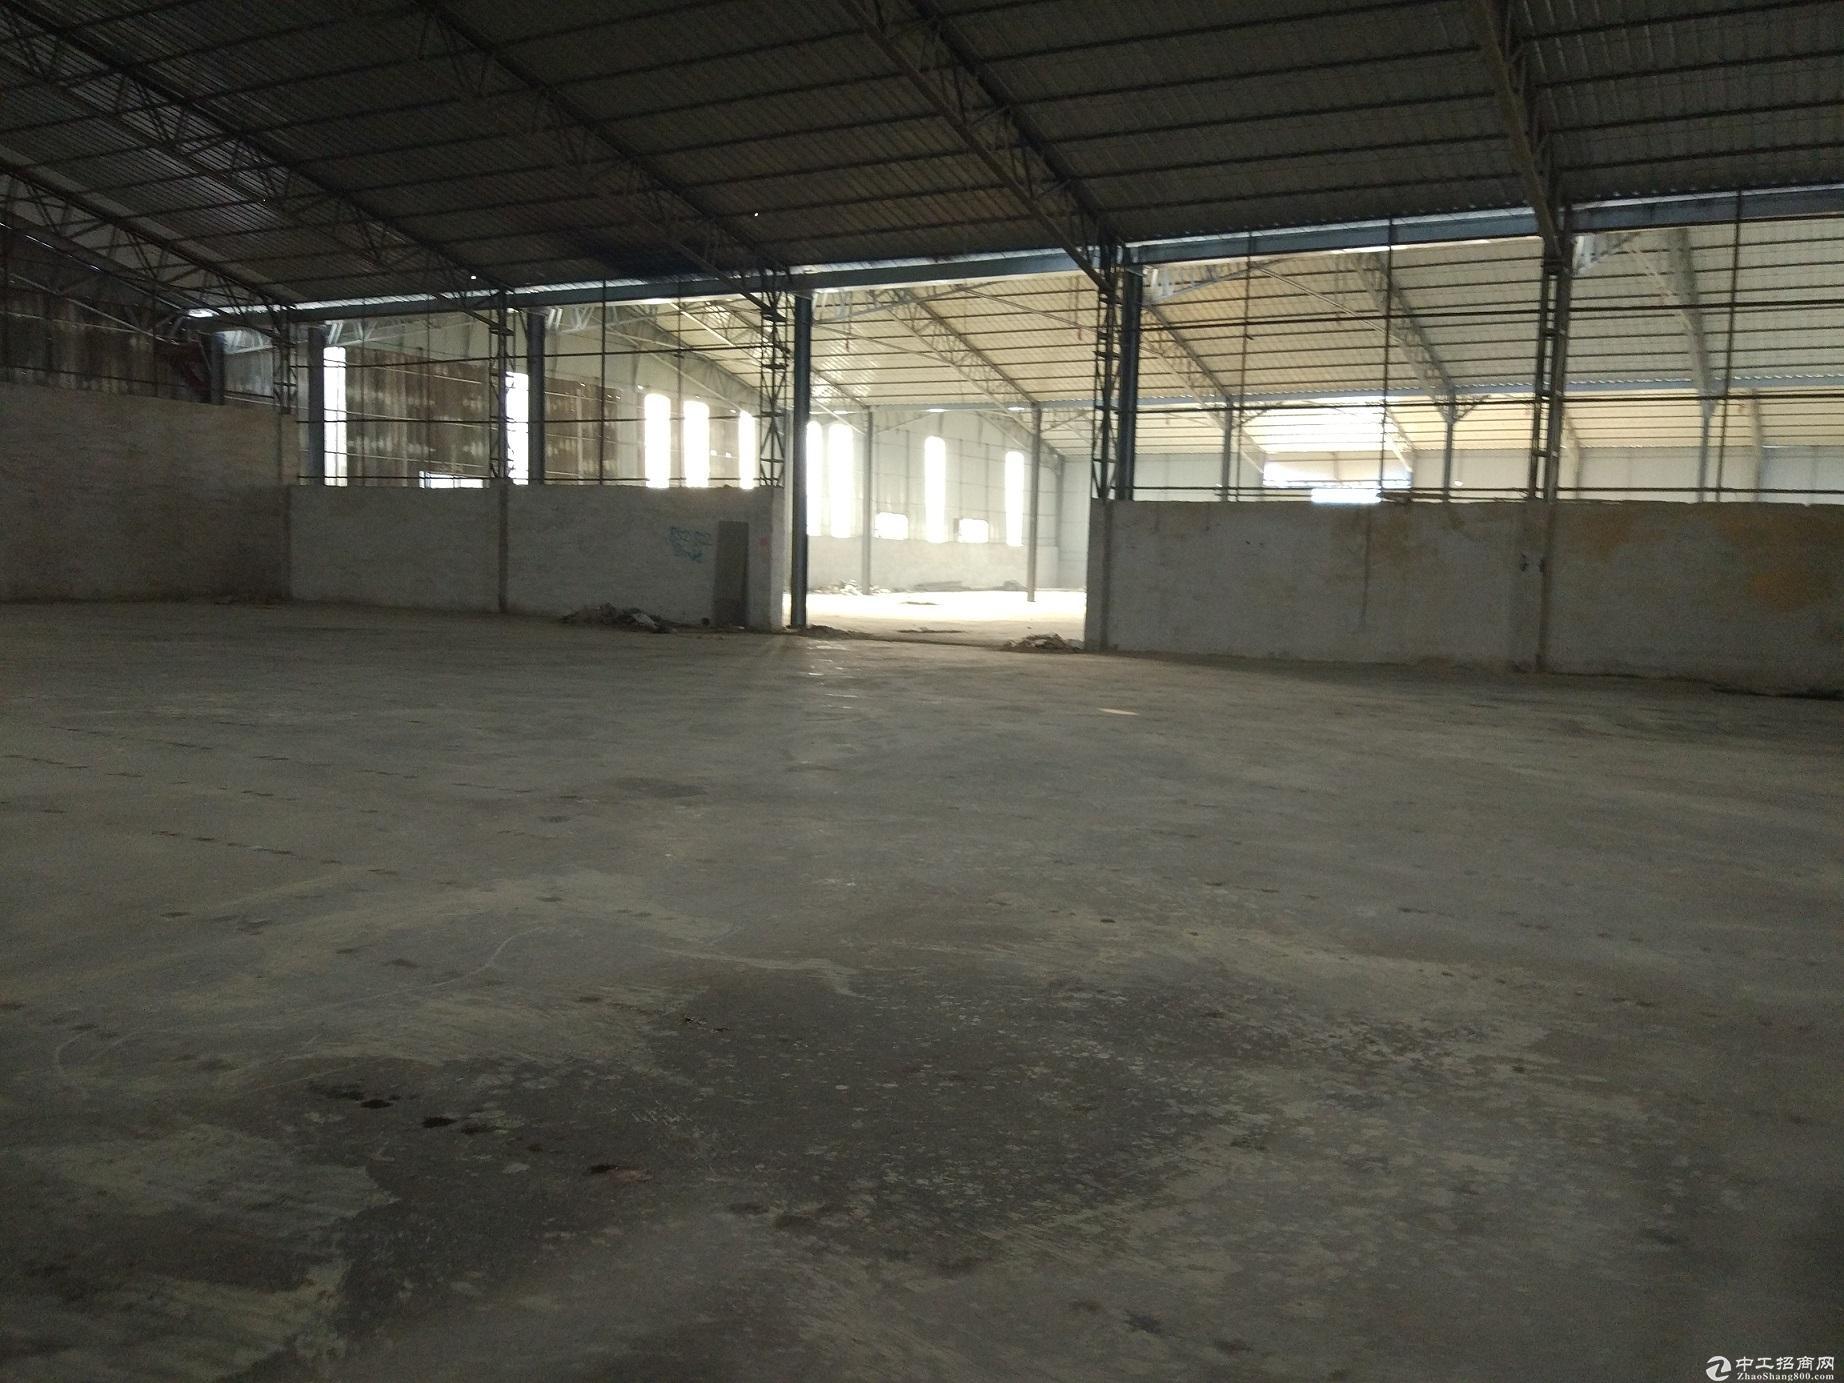 临沂兰山区义堂镇新建2000-3000平米标准钢结构厂房出租-图3